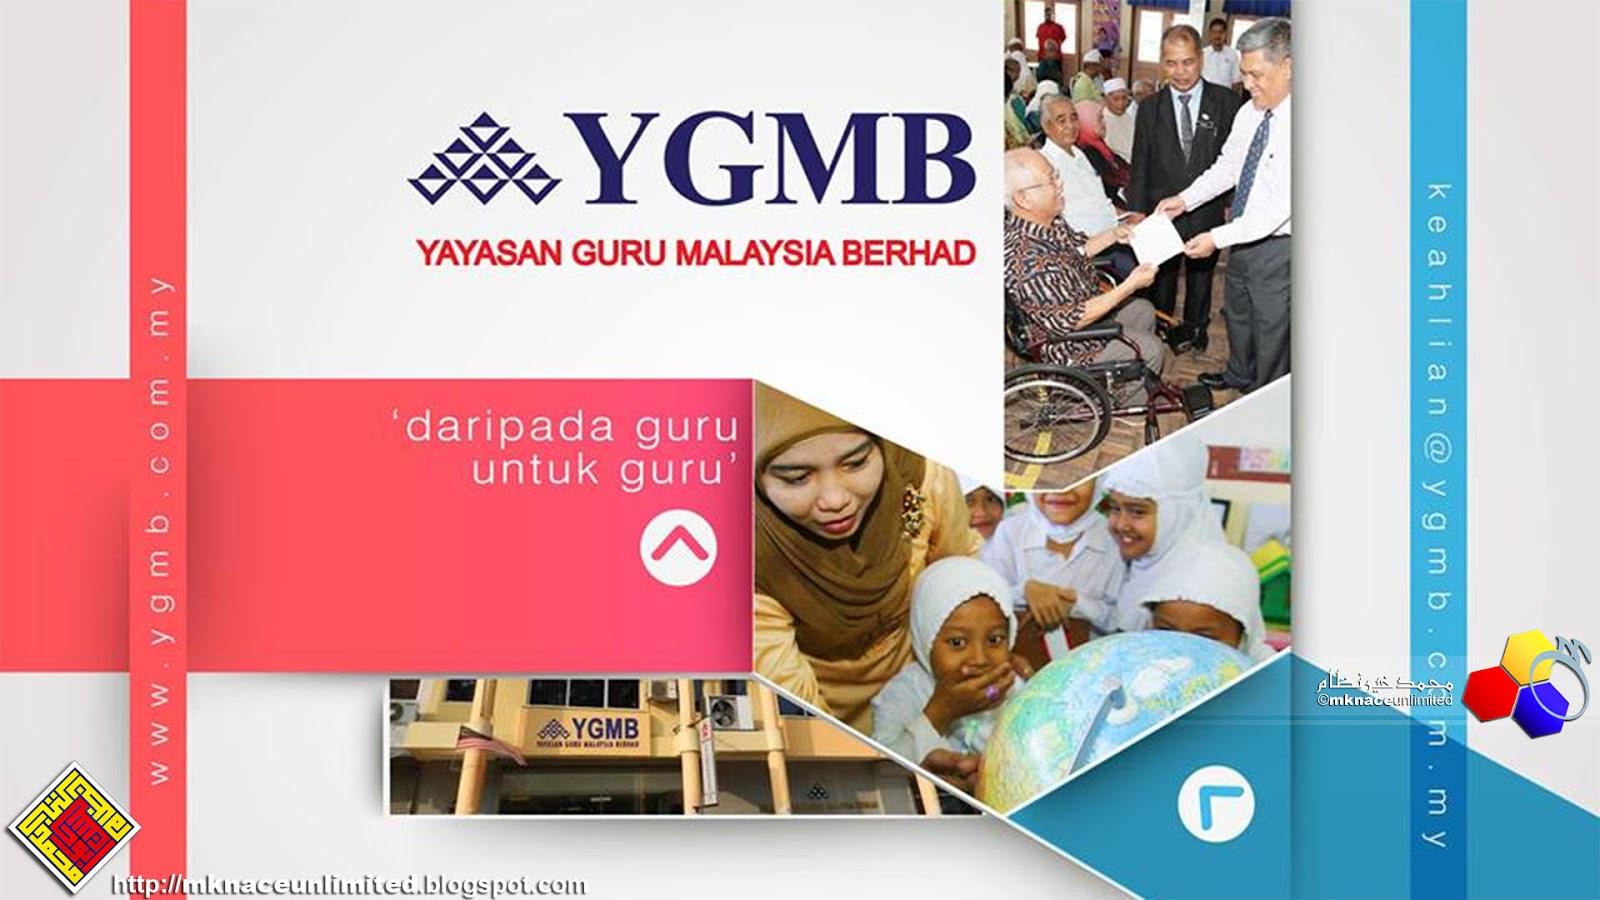 Official Yayasan Guru Malaysia Berhad Ygmb Facebook Pages